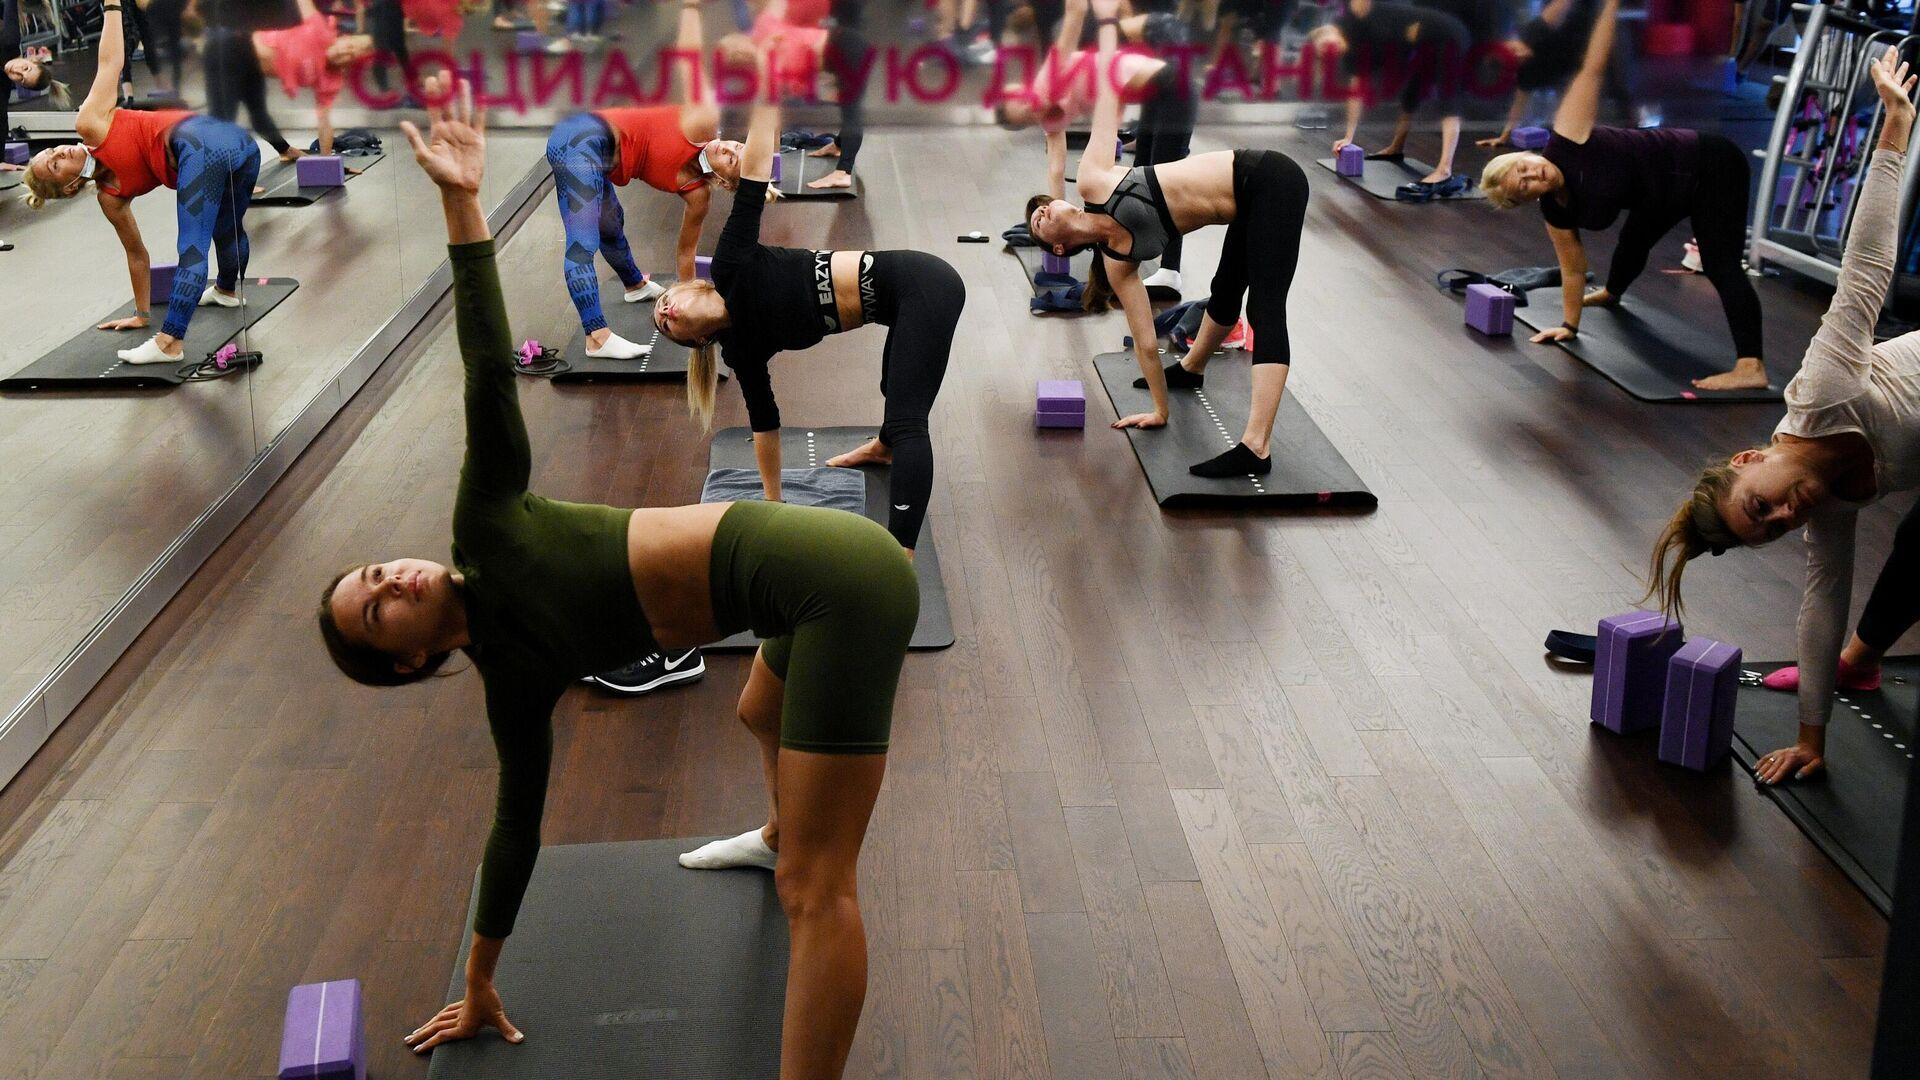 Девушки занимаются спортом в фитнес-клубе в Новосибирске - РИА Новости, 1920, 17.09.2021